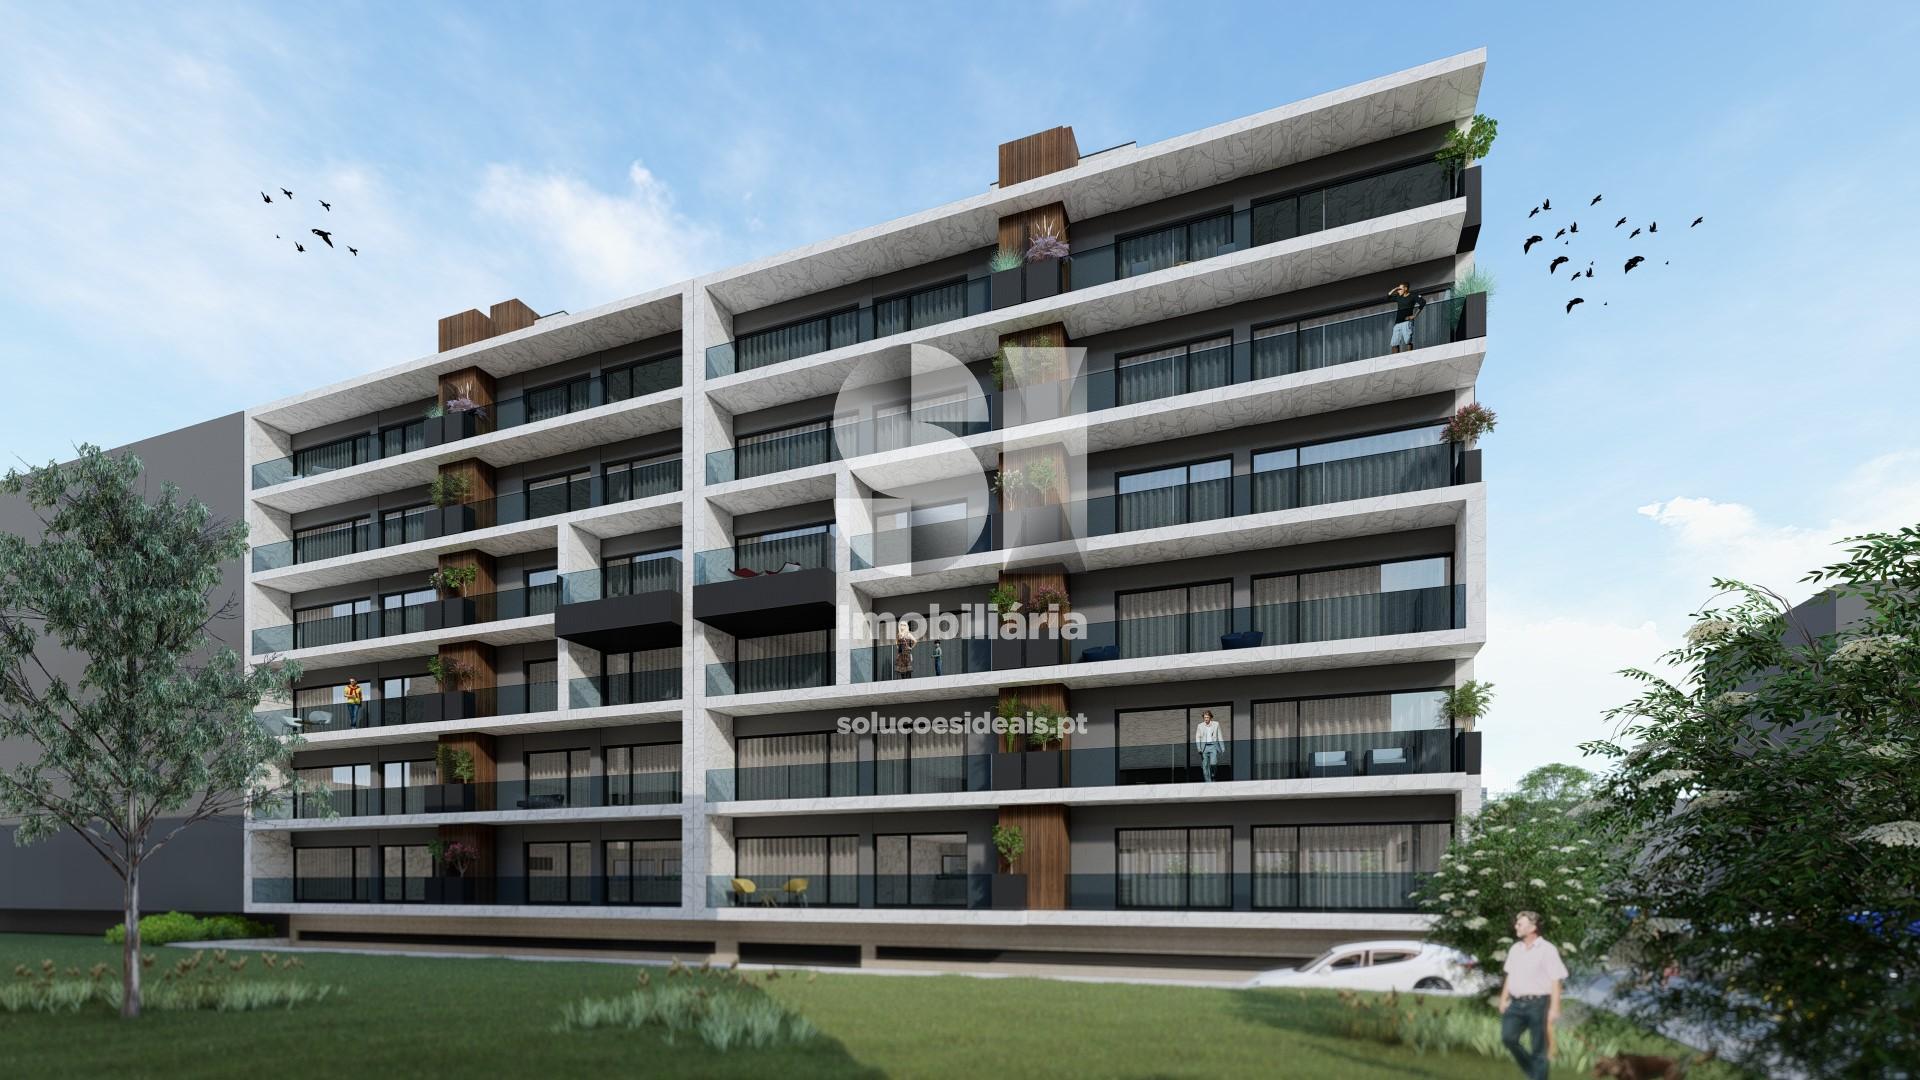 apartamento t3 para compra em braga uniao das freguesias de real dume e semelhe BRGFS49_2